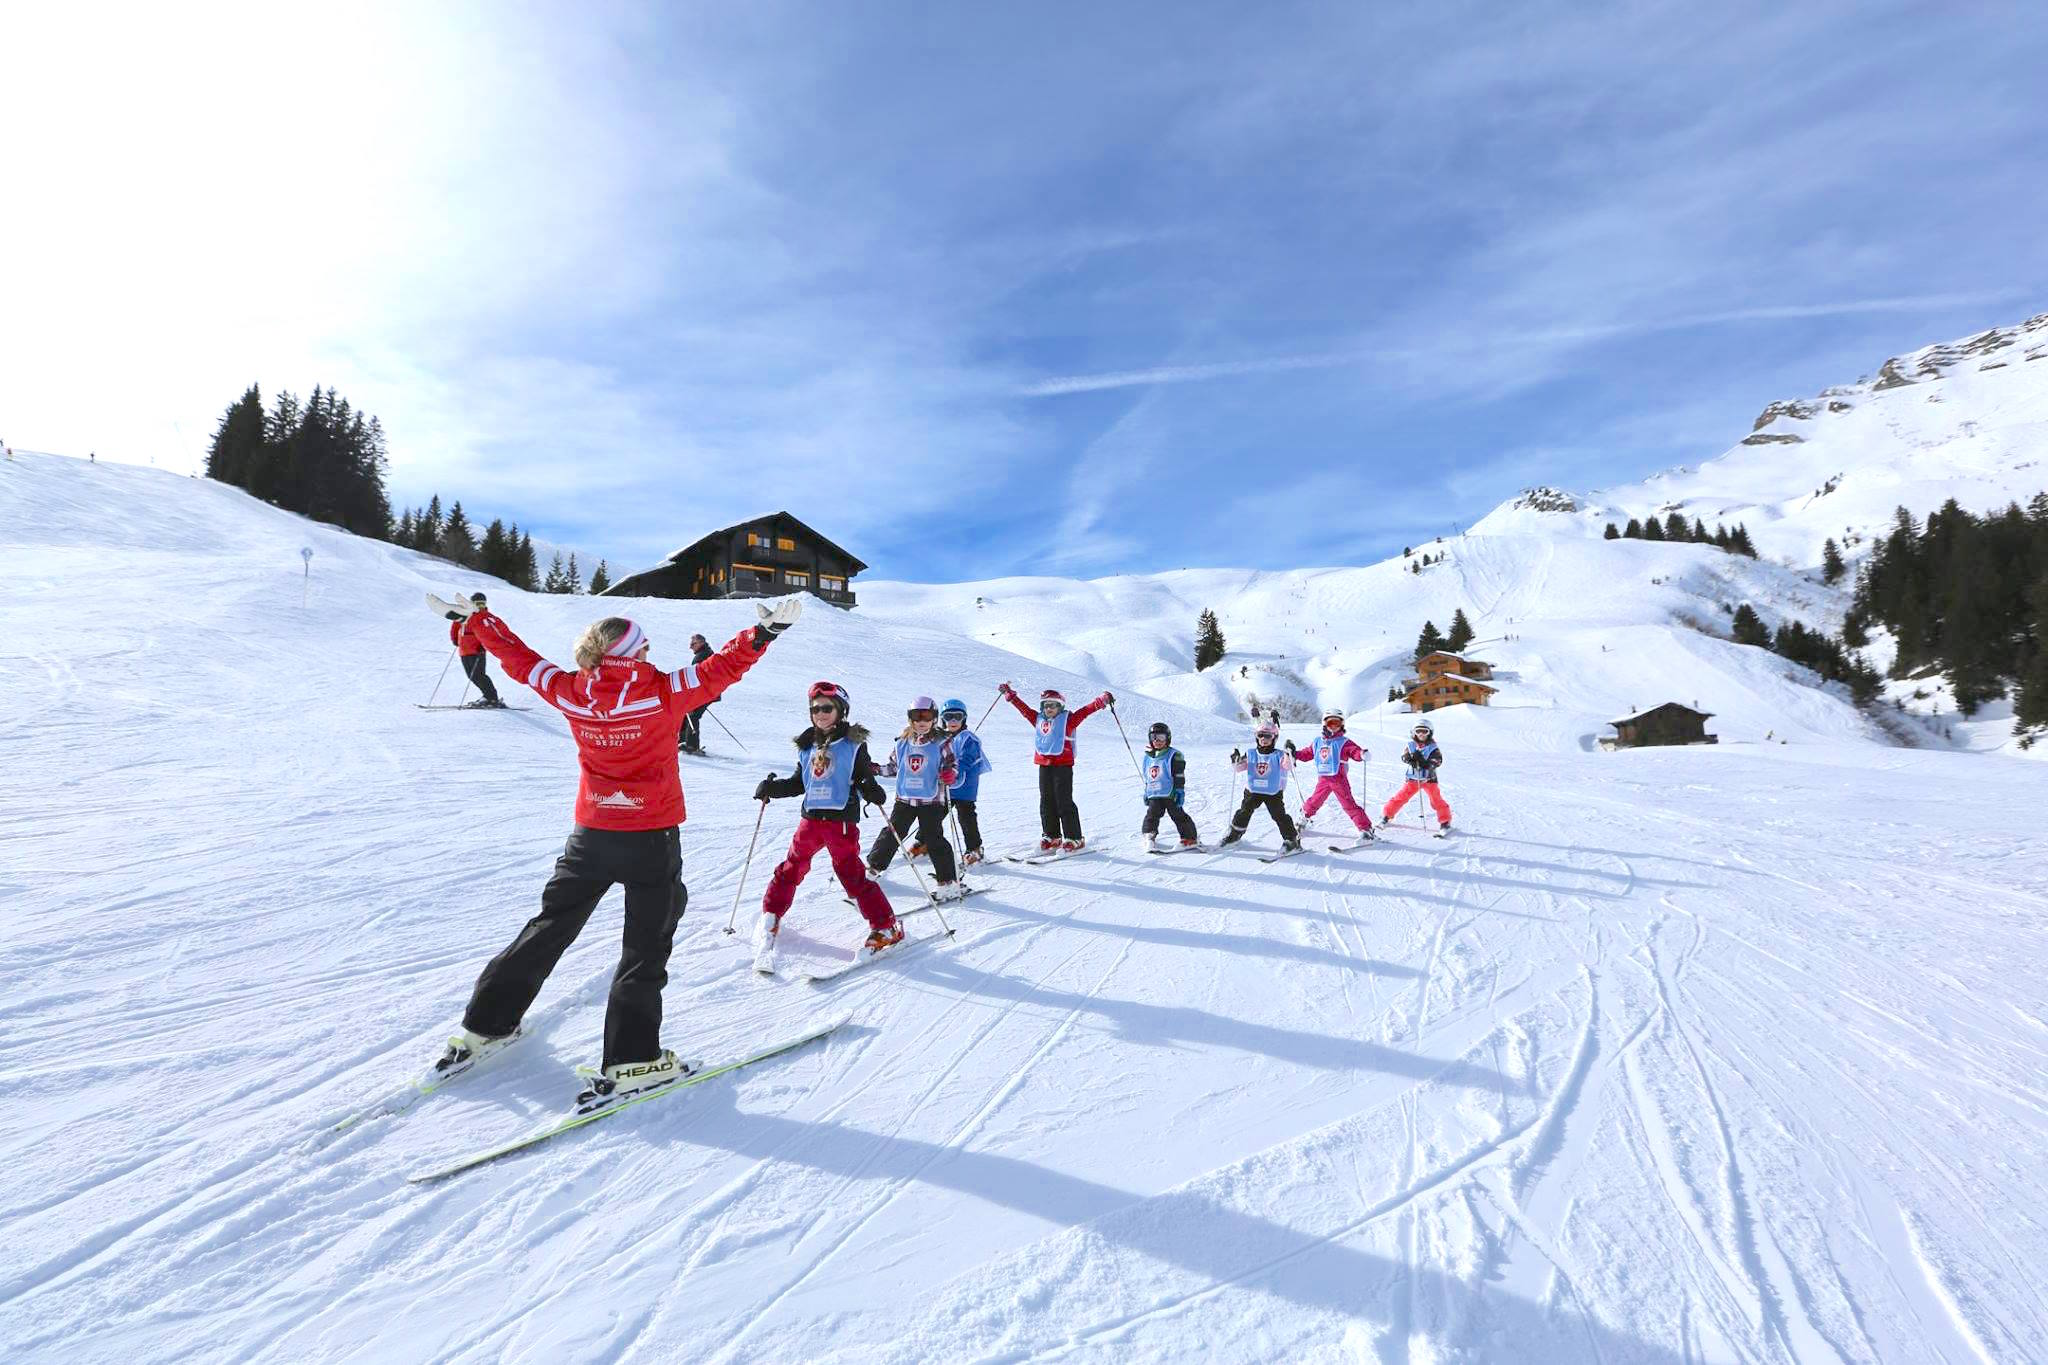 ecole suisse de ski et de snowboard les crosets champoussin. Black Bedroom Furniture Sets. Home Design Ideas